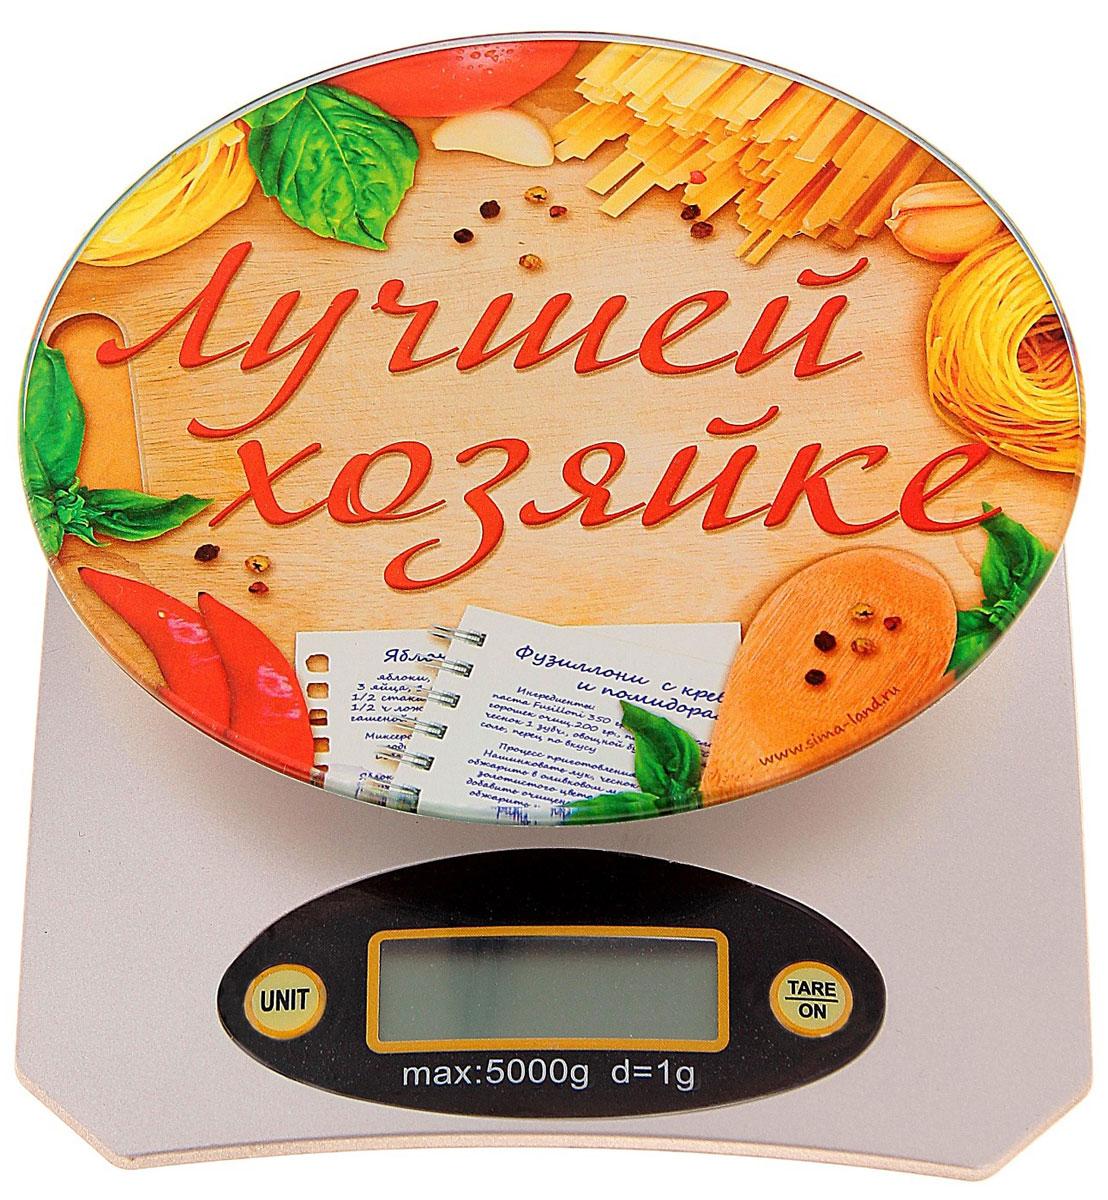 Весы кухонные Sima-land Лучшей хозяйке, электронные, до 5 кг, 21,5 х 15 см760182Электронные весы Sima-land Лучшей хозяйке станут надежным помощником как для повара со стажем, так и для начинающего кулинара. На них можно взвешивать любые виды продуктов: сыпучие (крупы, муку), жидкие (воду, молоко) или твердые (тестообразные, пастообразные). Кухонные весы - незаменимая вещь на вашей кухне, ведь точность вплоть до грамма никогда не бывает лишней, если речь идет о любимом блюде. Особенности весов: Прибор оборудован высокоточным тензометрическим датчиком. Цена деления: 0,1-1 г. ЖК-дисплей. Автоматическое обнуление. Автоматическое отключение. Индикатор заряда батареи. Индикатор перевеса. Определяет массу тары. Определяет массу в граммах и унциях. Питается от батарейки типа CR 2032 (не входит в комплект).